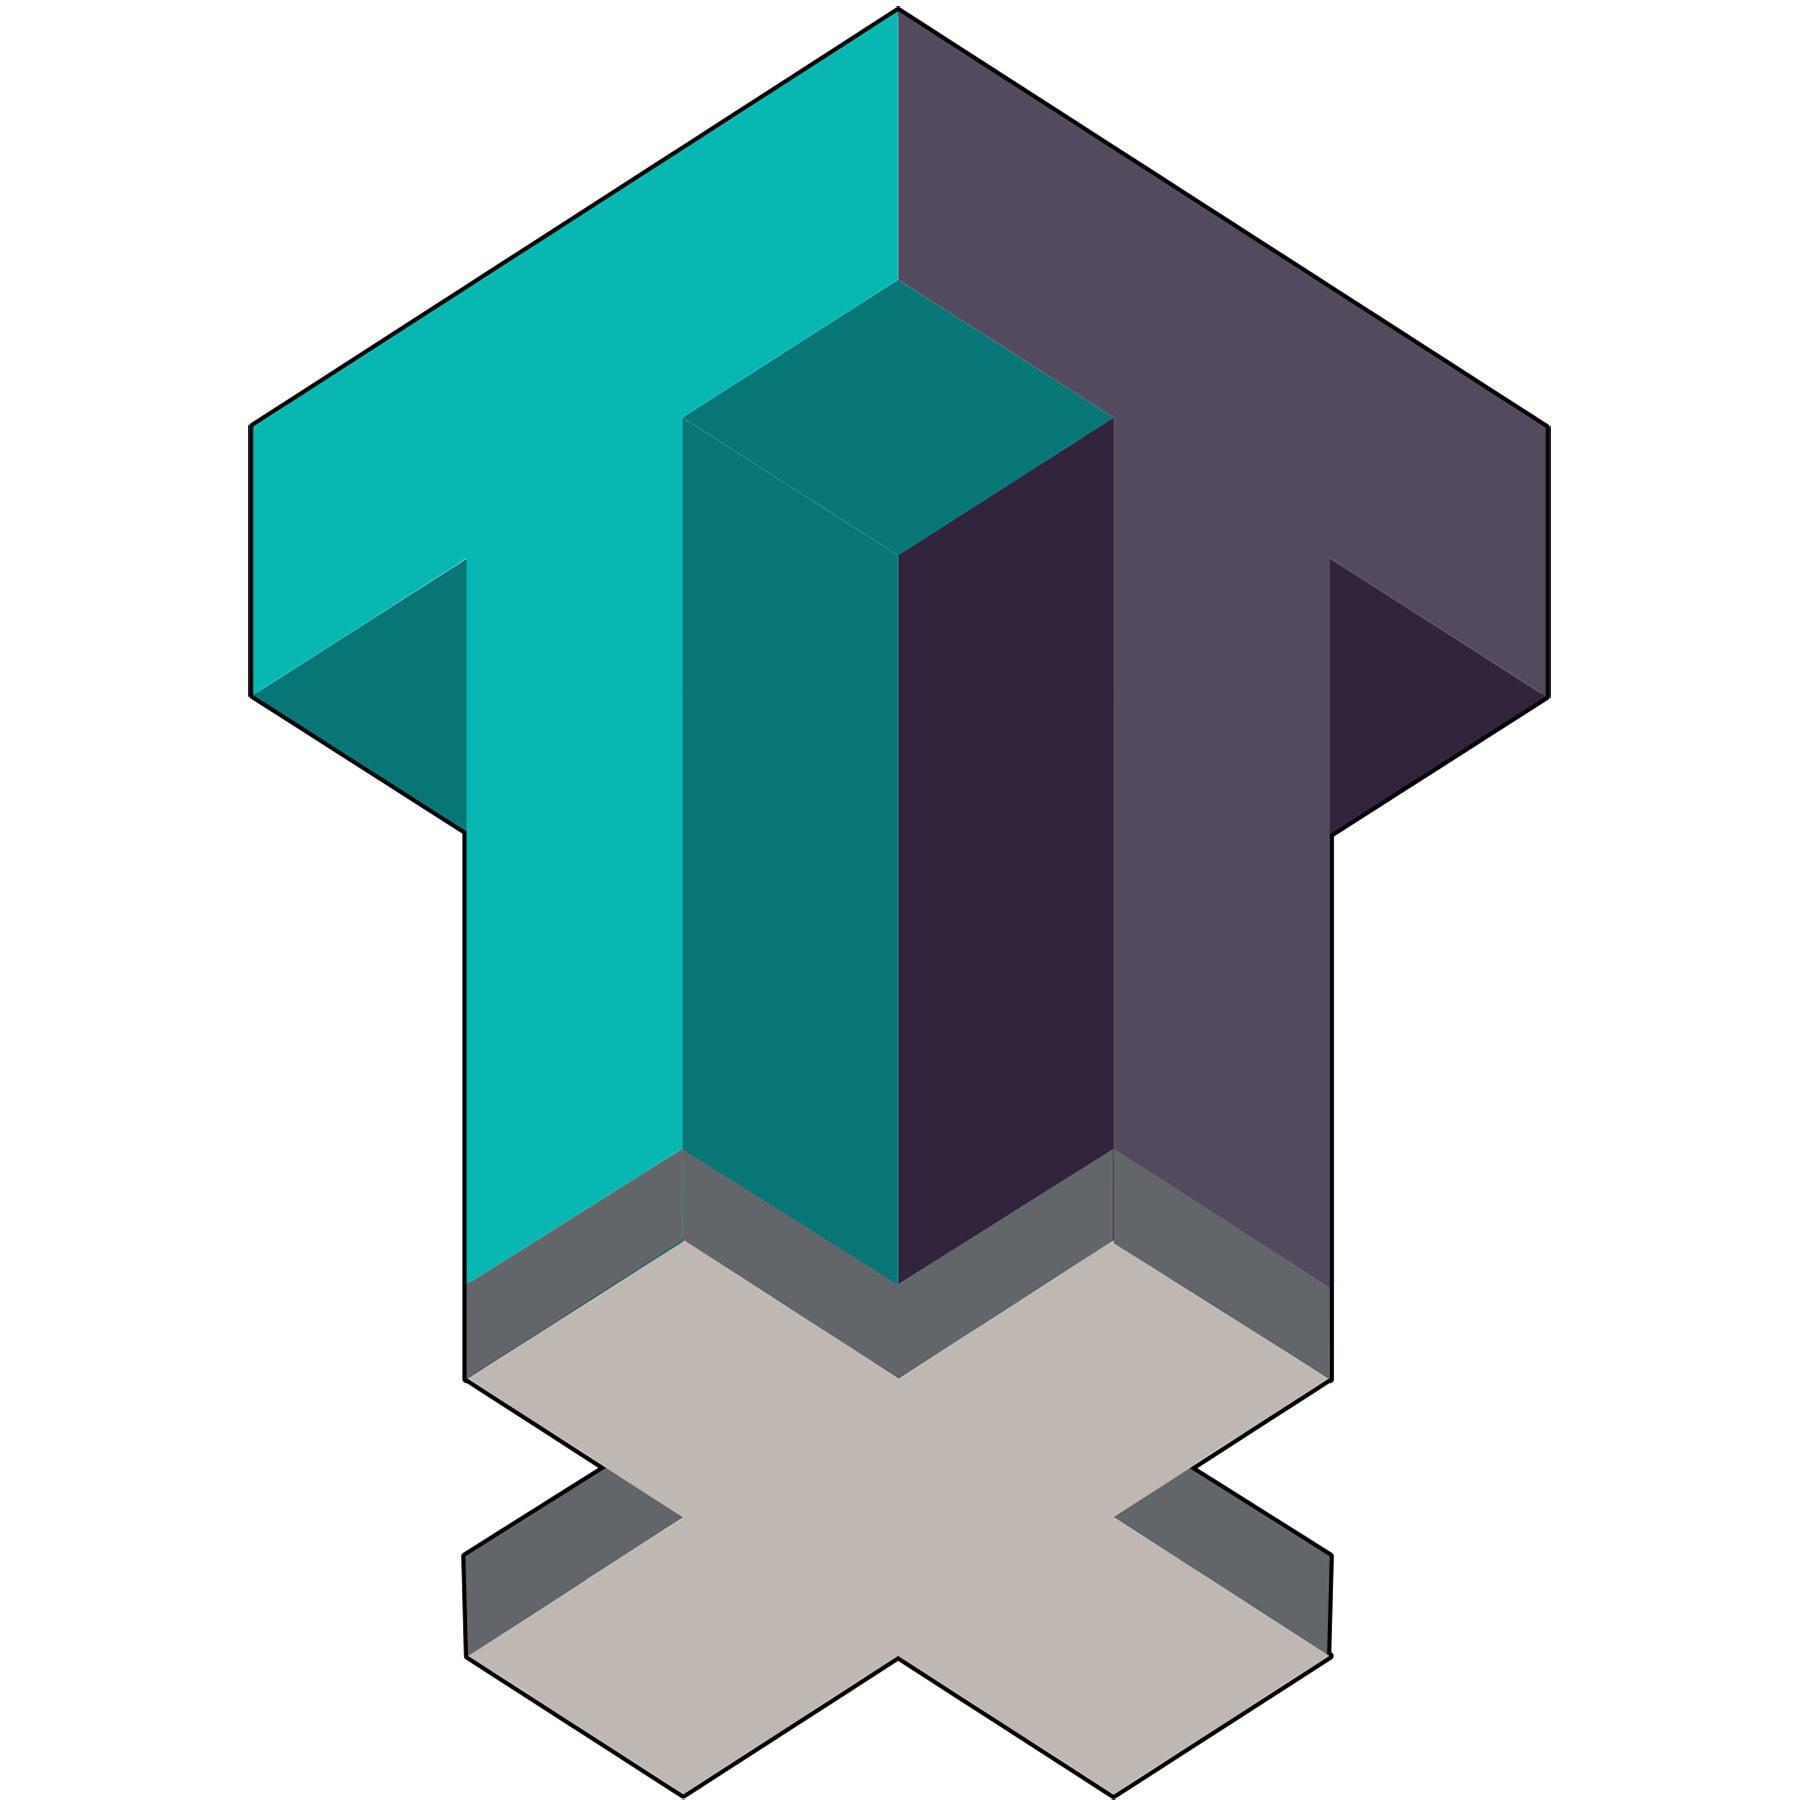 TechPlusTwo